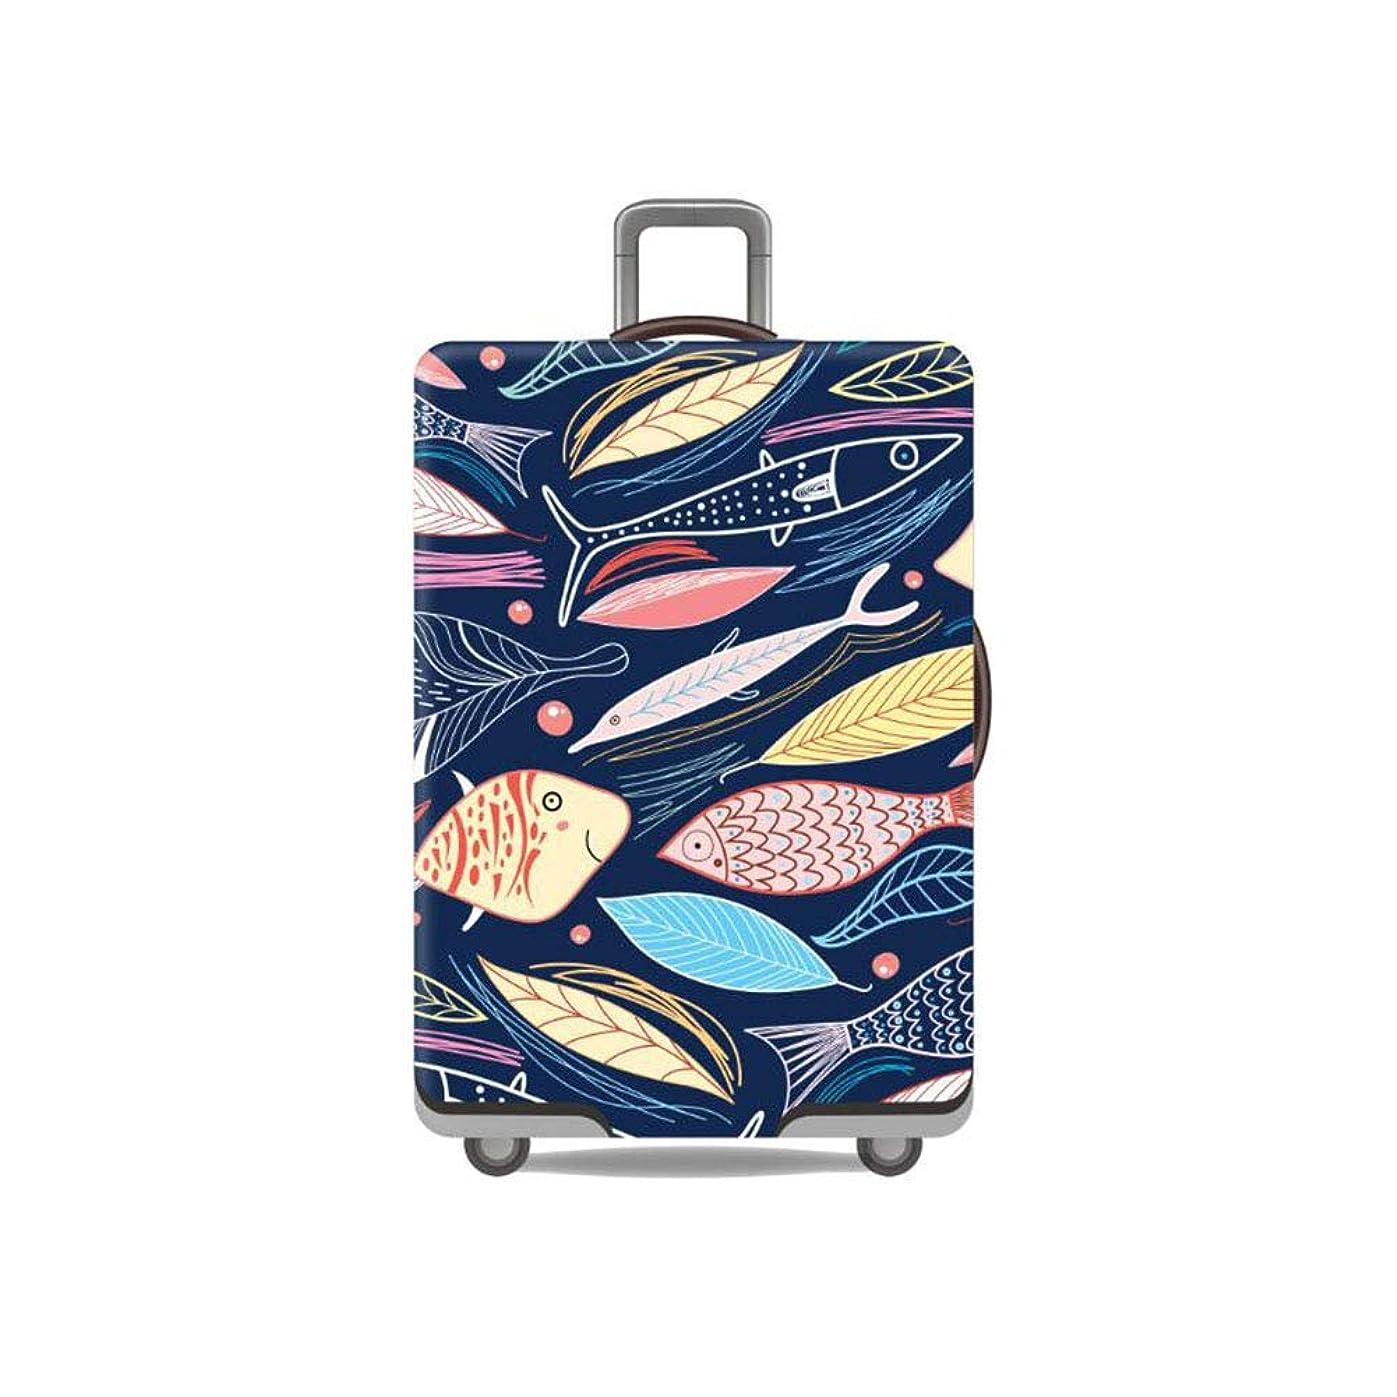 病研究所誇大妄想ハクチョウ(hakucho)ビジネス スーツケース カバー キャリーバッグカバー キャリーケースカバー ラゲッジカバー 保護カバー S/M/L/XL